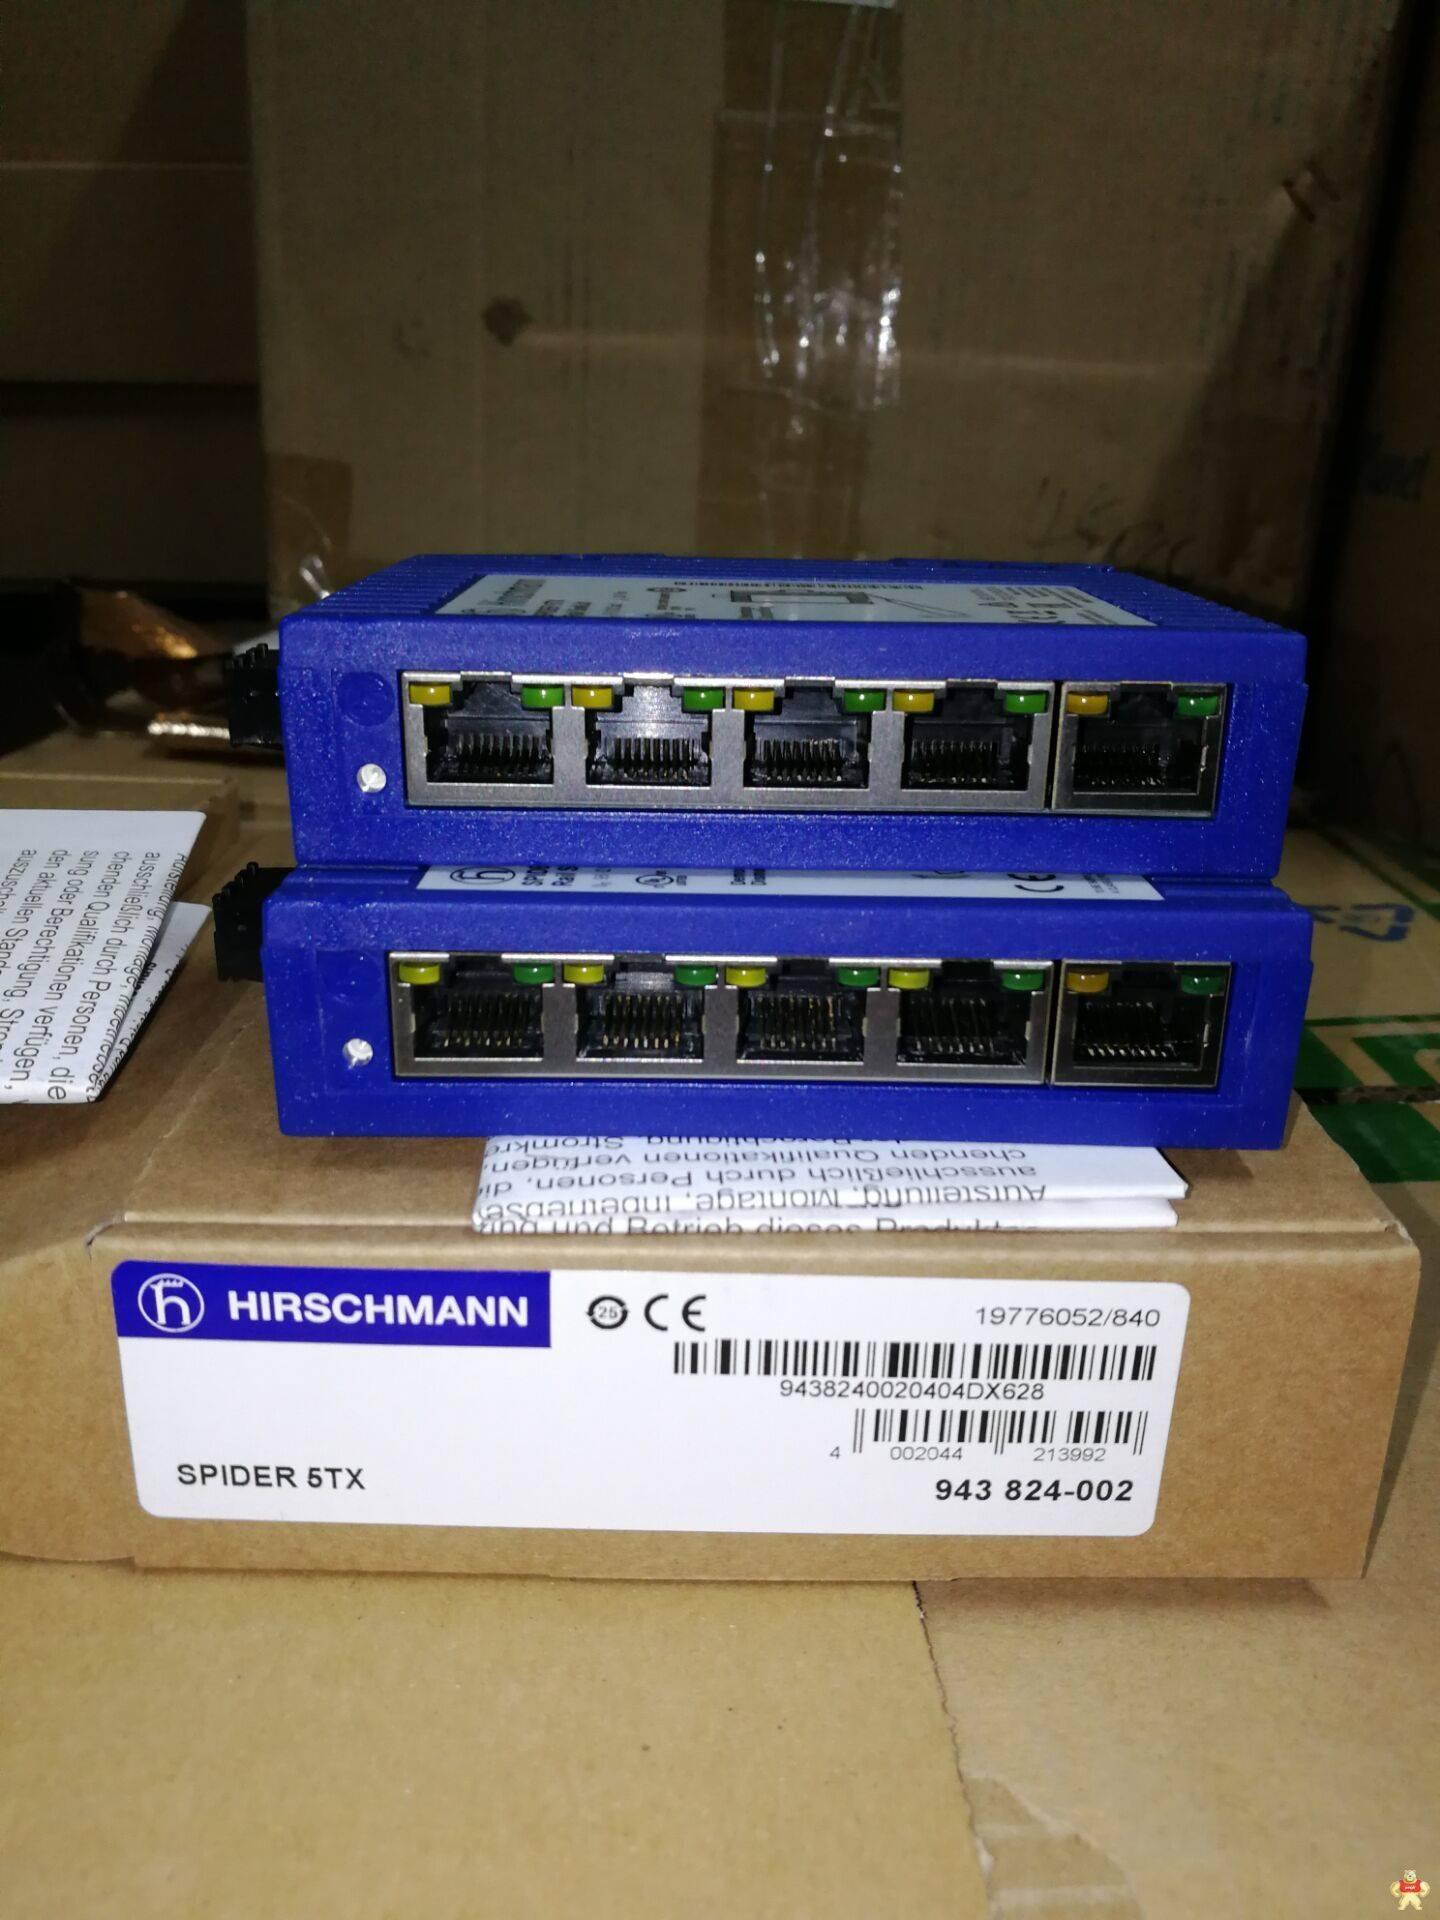 赫斯曼交换机SPIDER 5TX入门级 SPIDER 5TX,赫斯曼,赫斯曼交换机,赫斯曼工业交换机,工业交换机